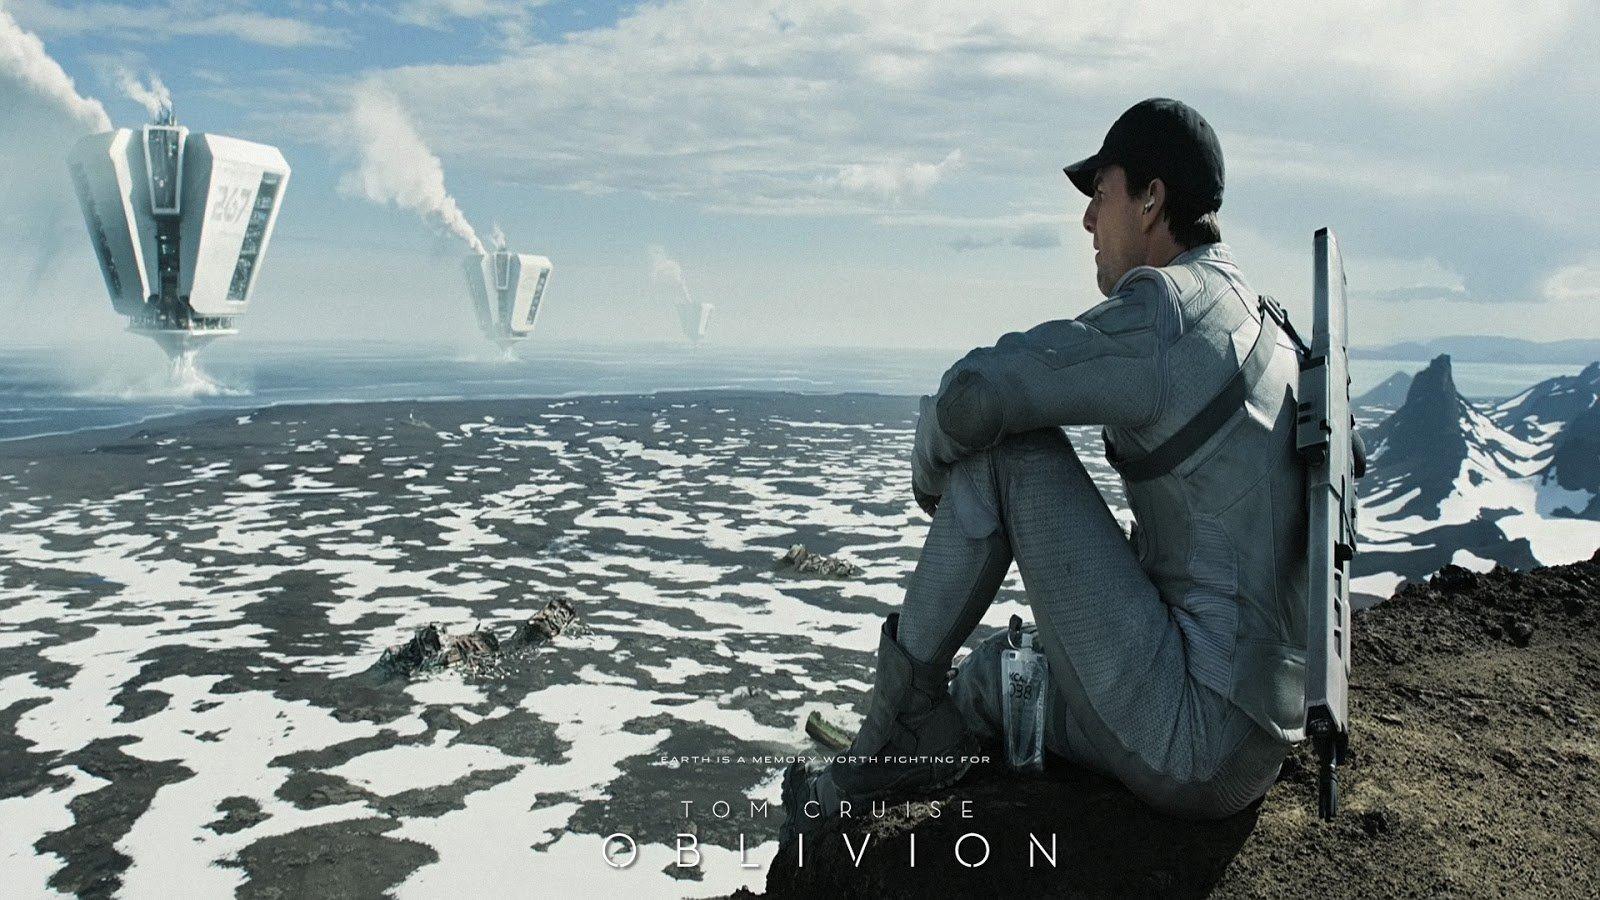 Пост-обсуждение фильма #обливион   В целом фильм понравился. У него какая-то спокойная атмосфера постапокалипсиса,  .... - Изображение 1